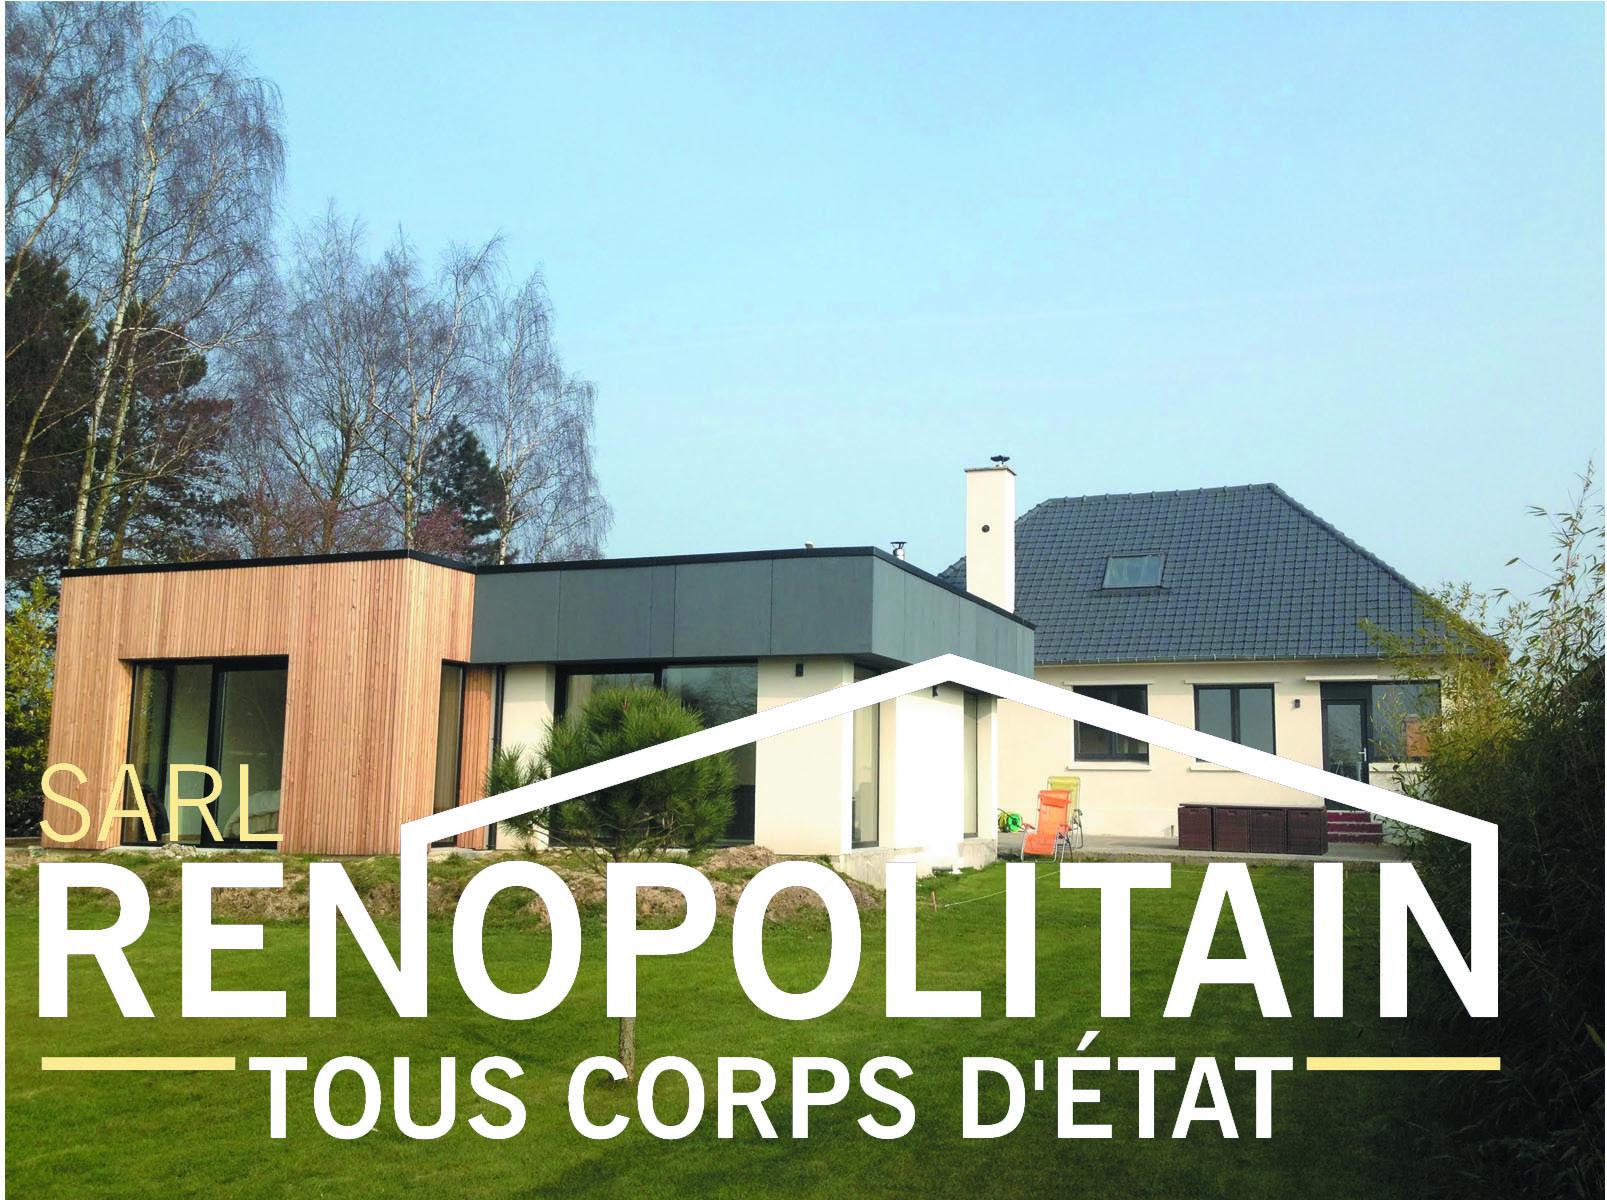 Home-renopolitain2-1607-1200-Après